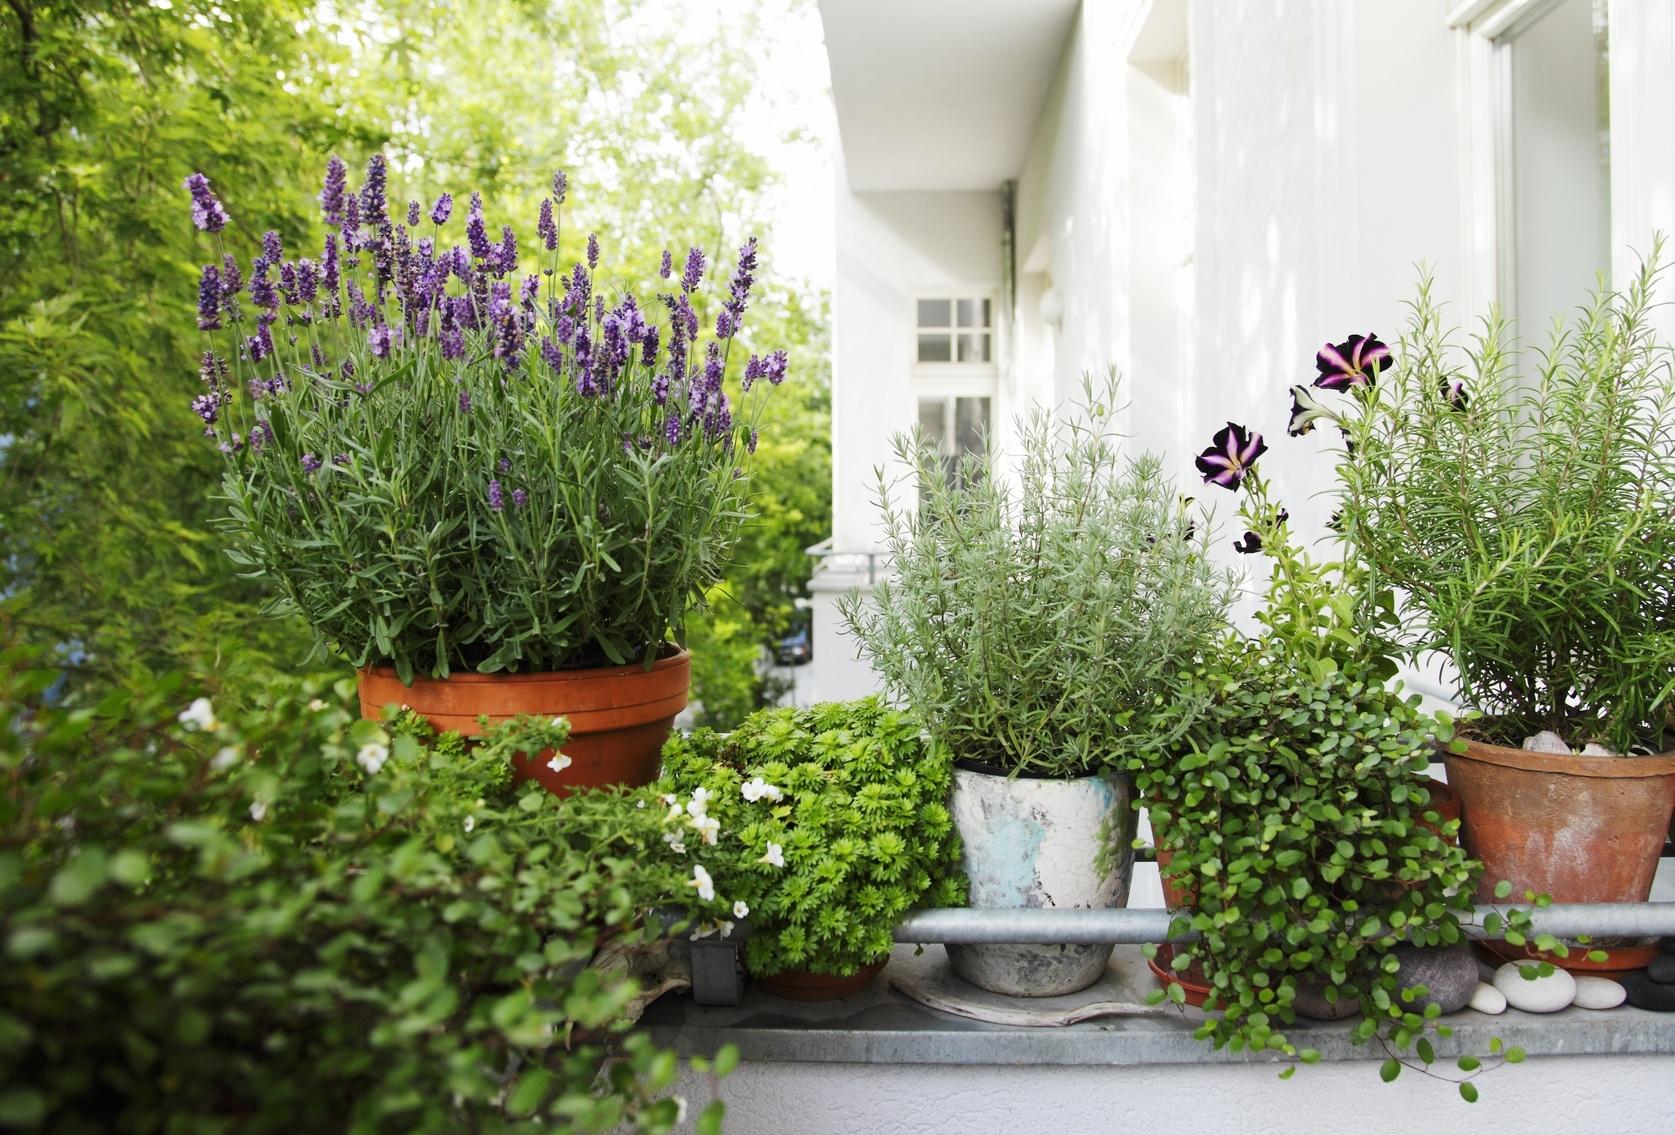 Piante per terrazze piante da terrazzo for Piante da terrazzo sempreverdi